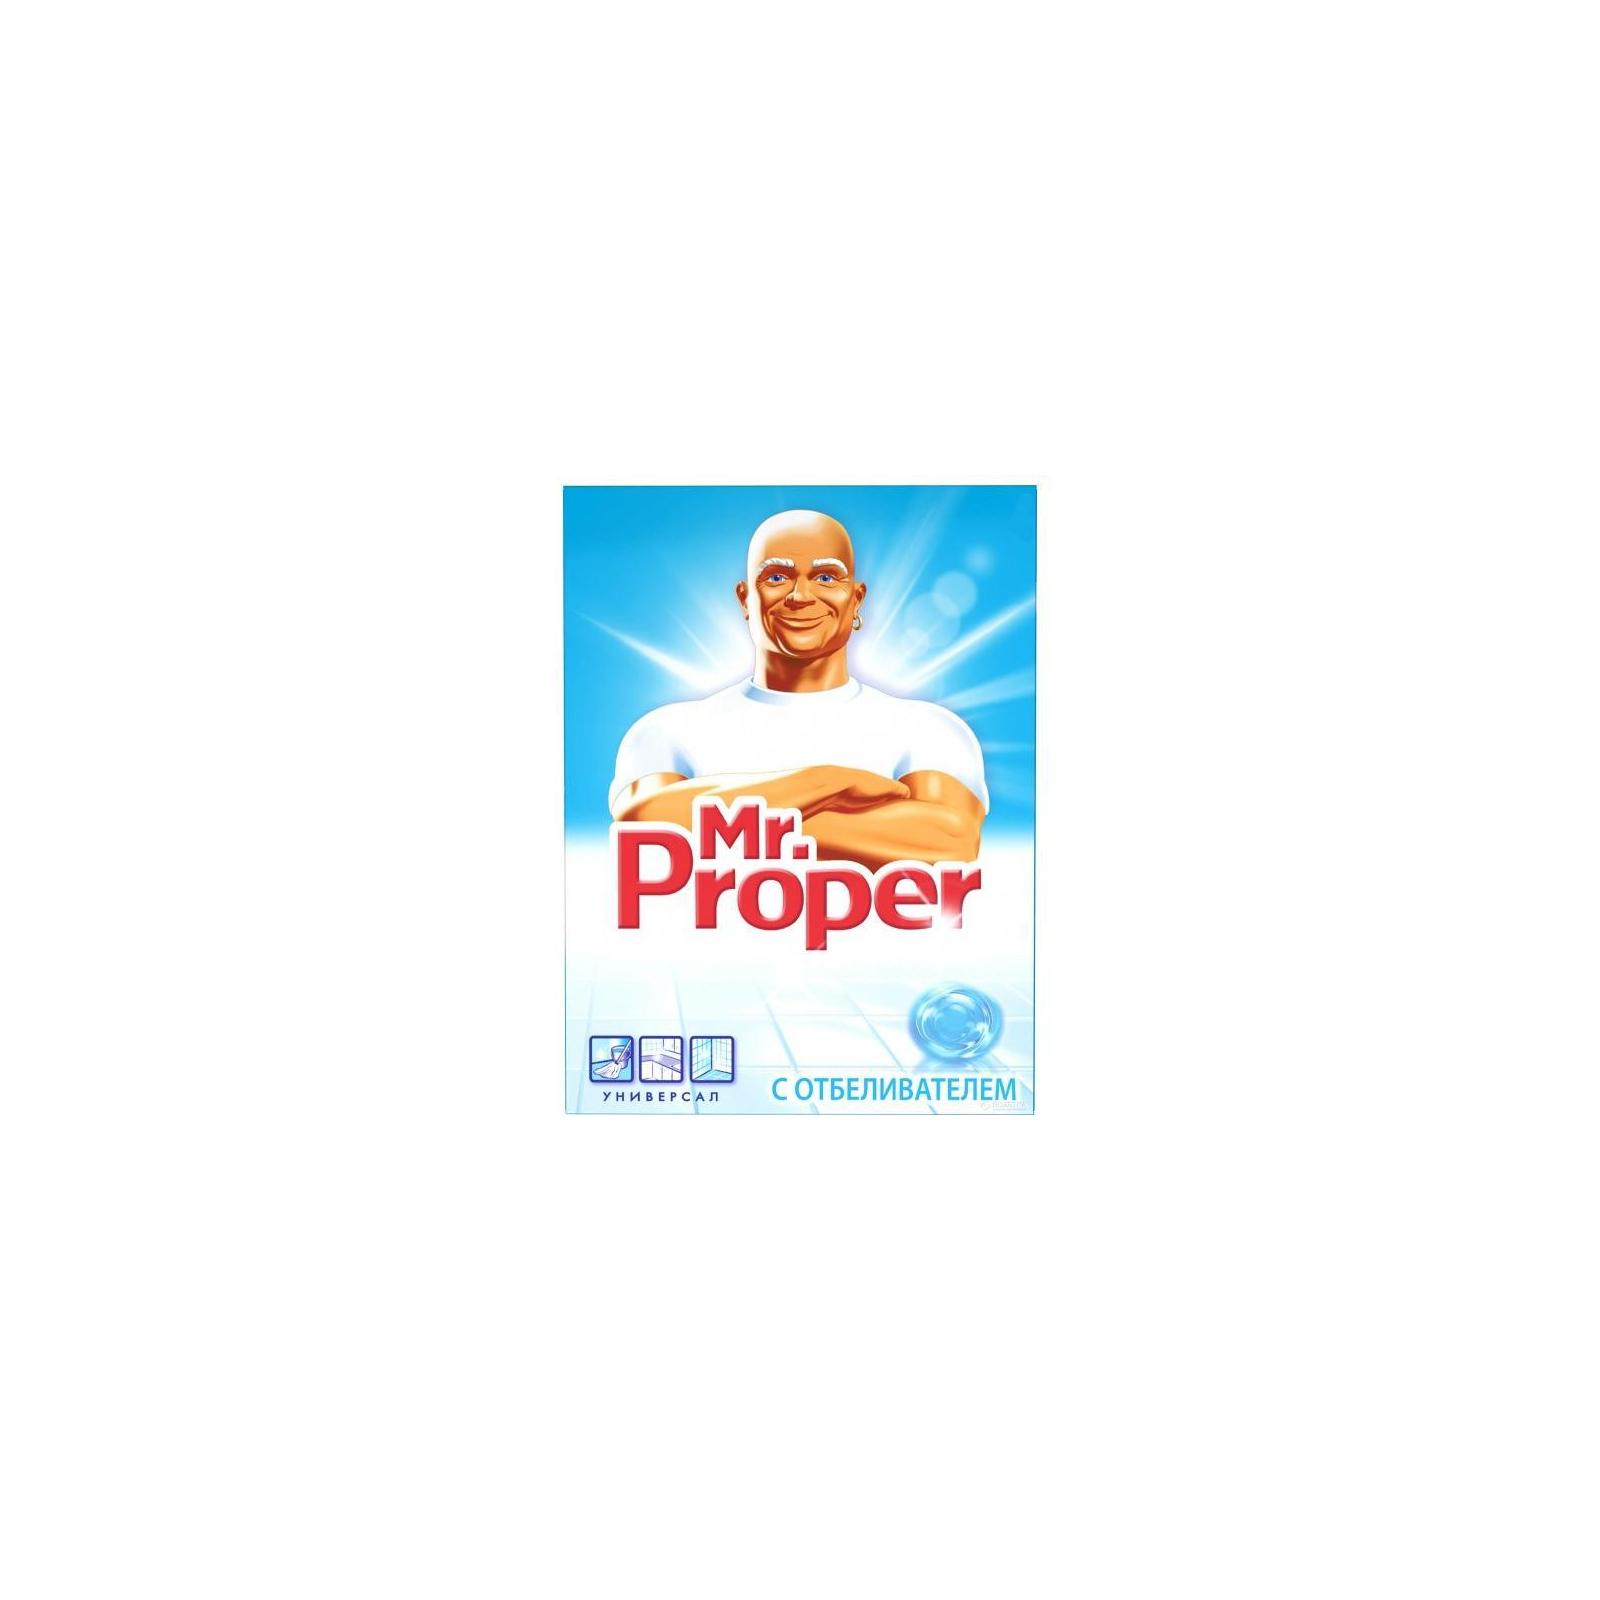 Чистящее средство Mr. Proper для твердых поверхностей с отбеливателем 400 г (5413149031685)